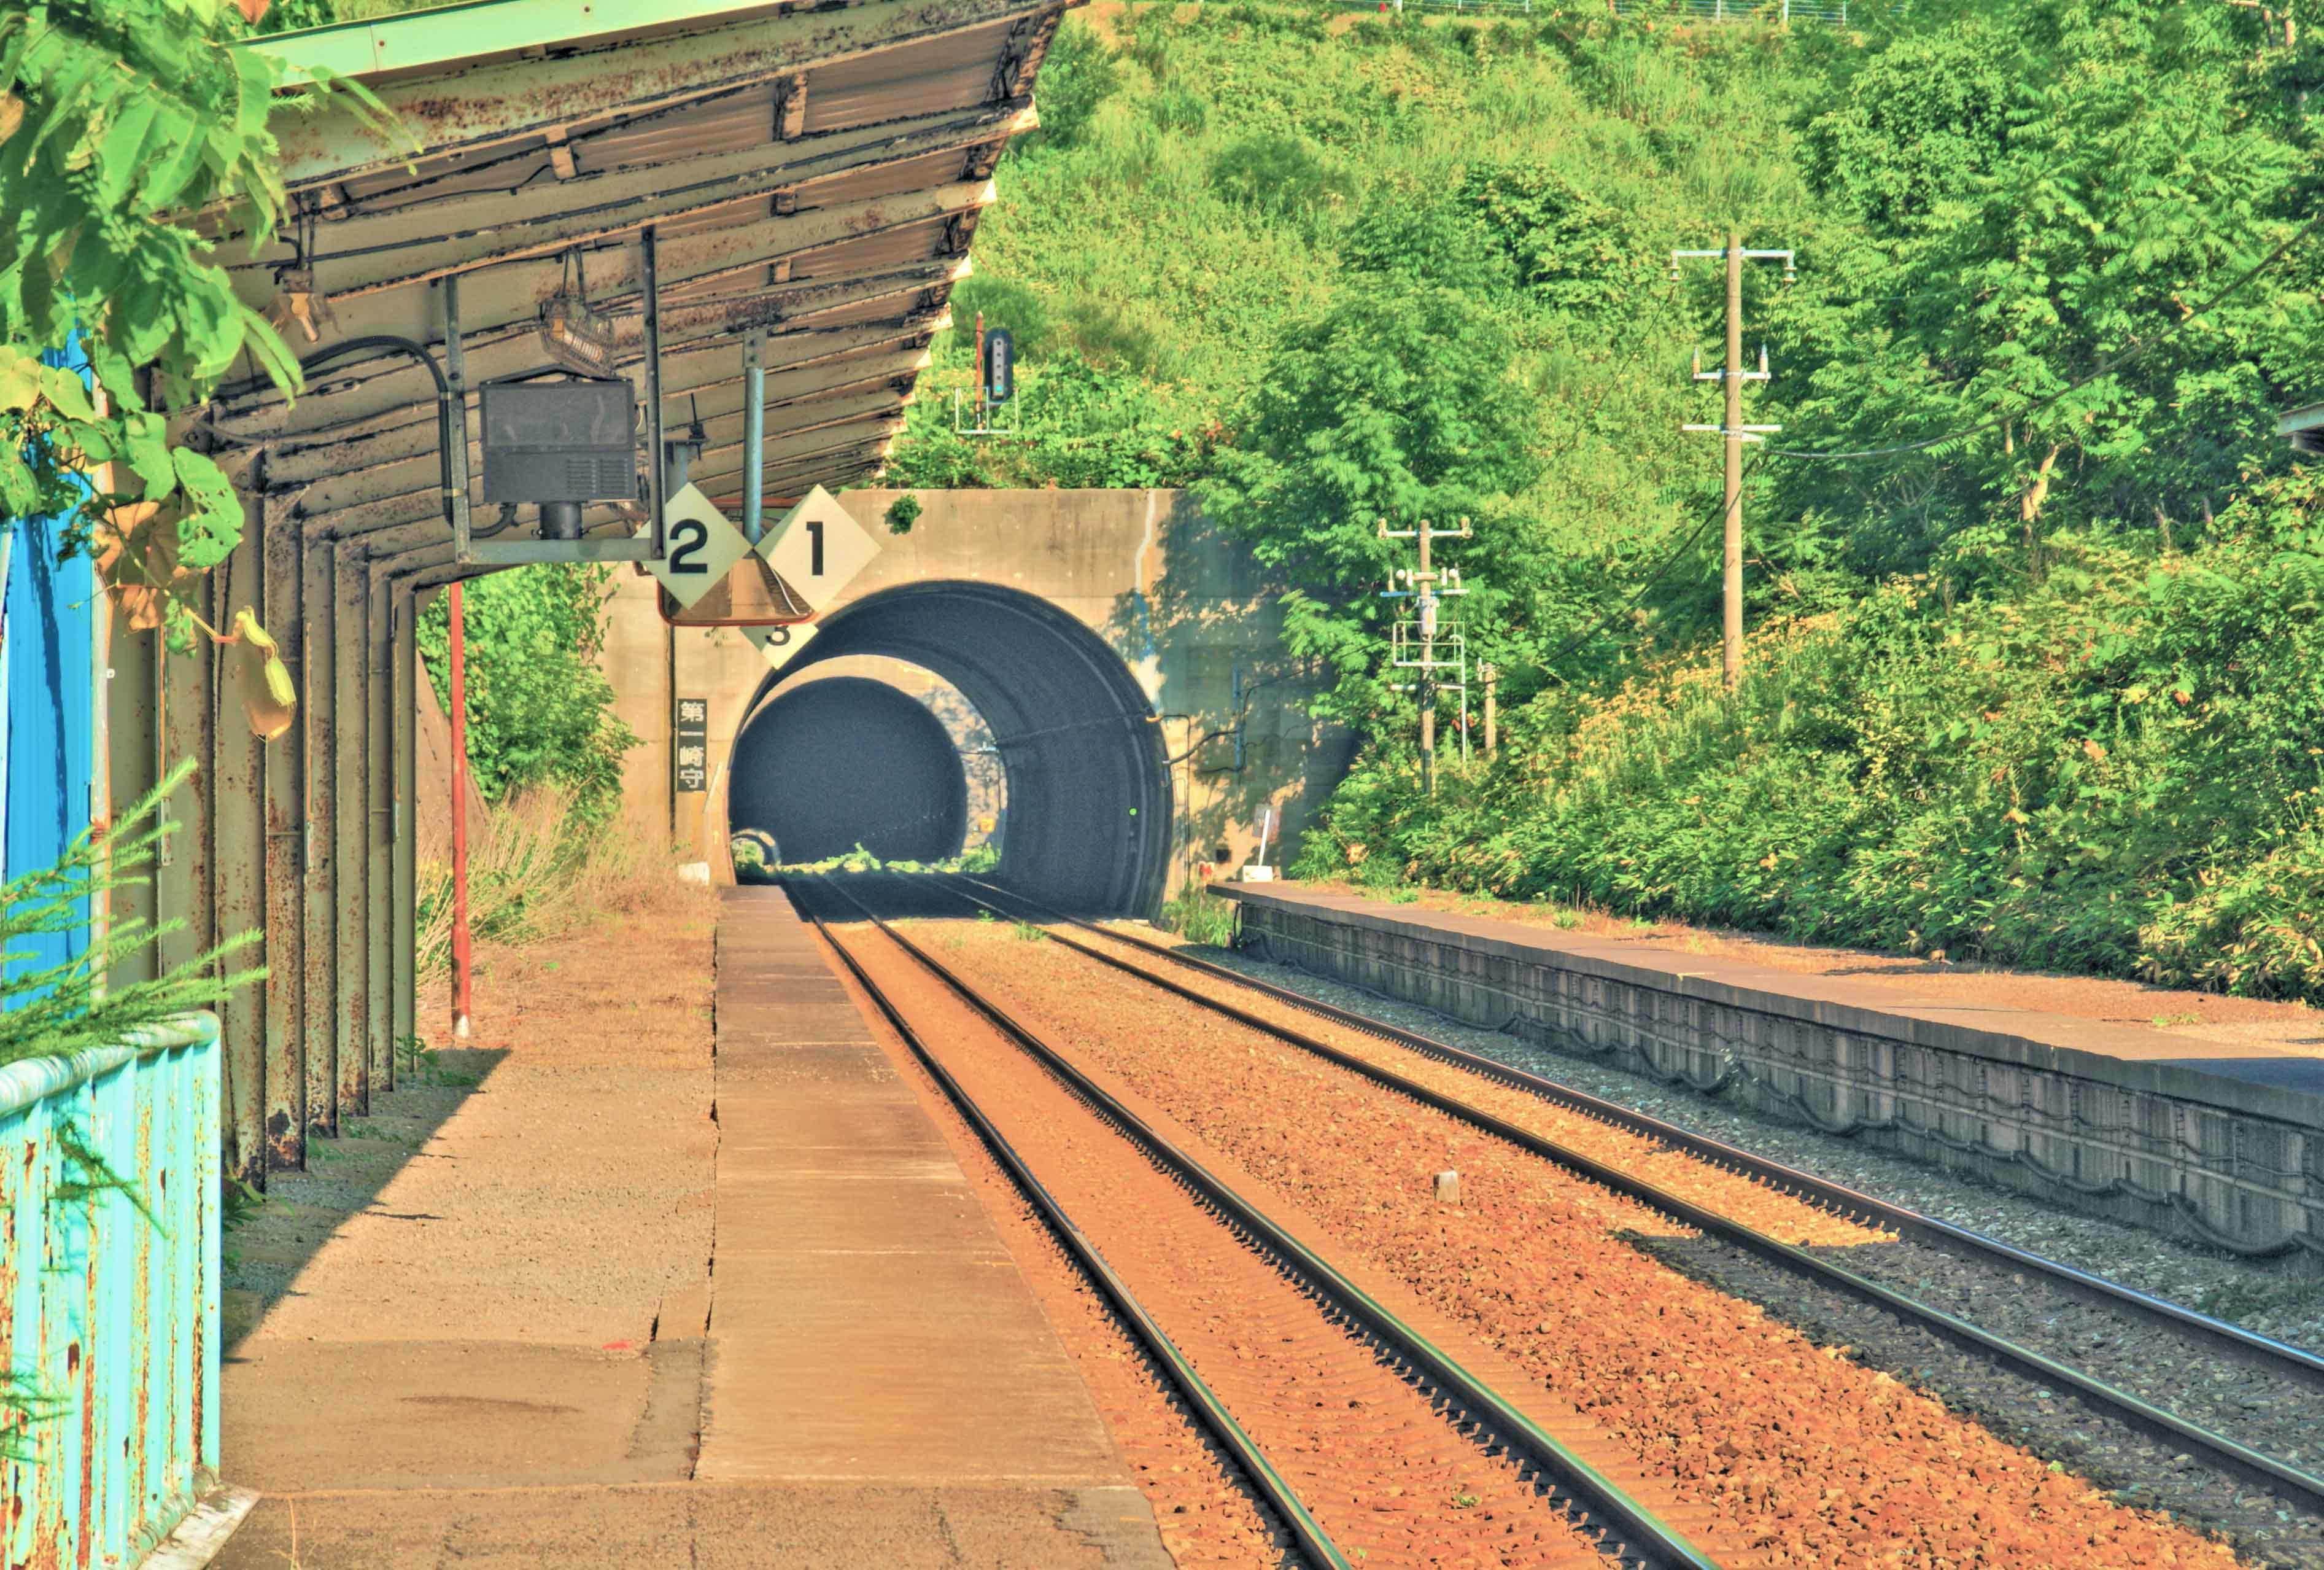 商用可イラスト風背景素材無人駅の風景その210種フリー